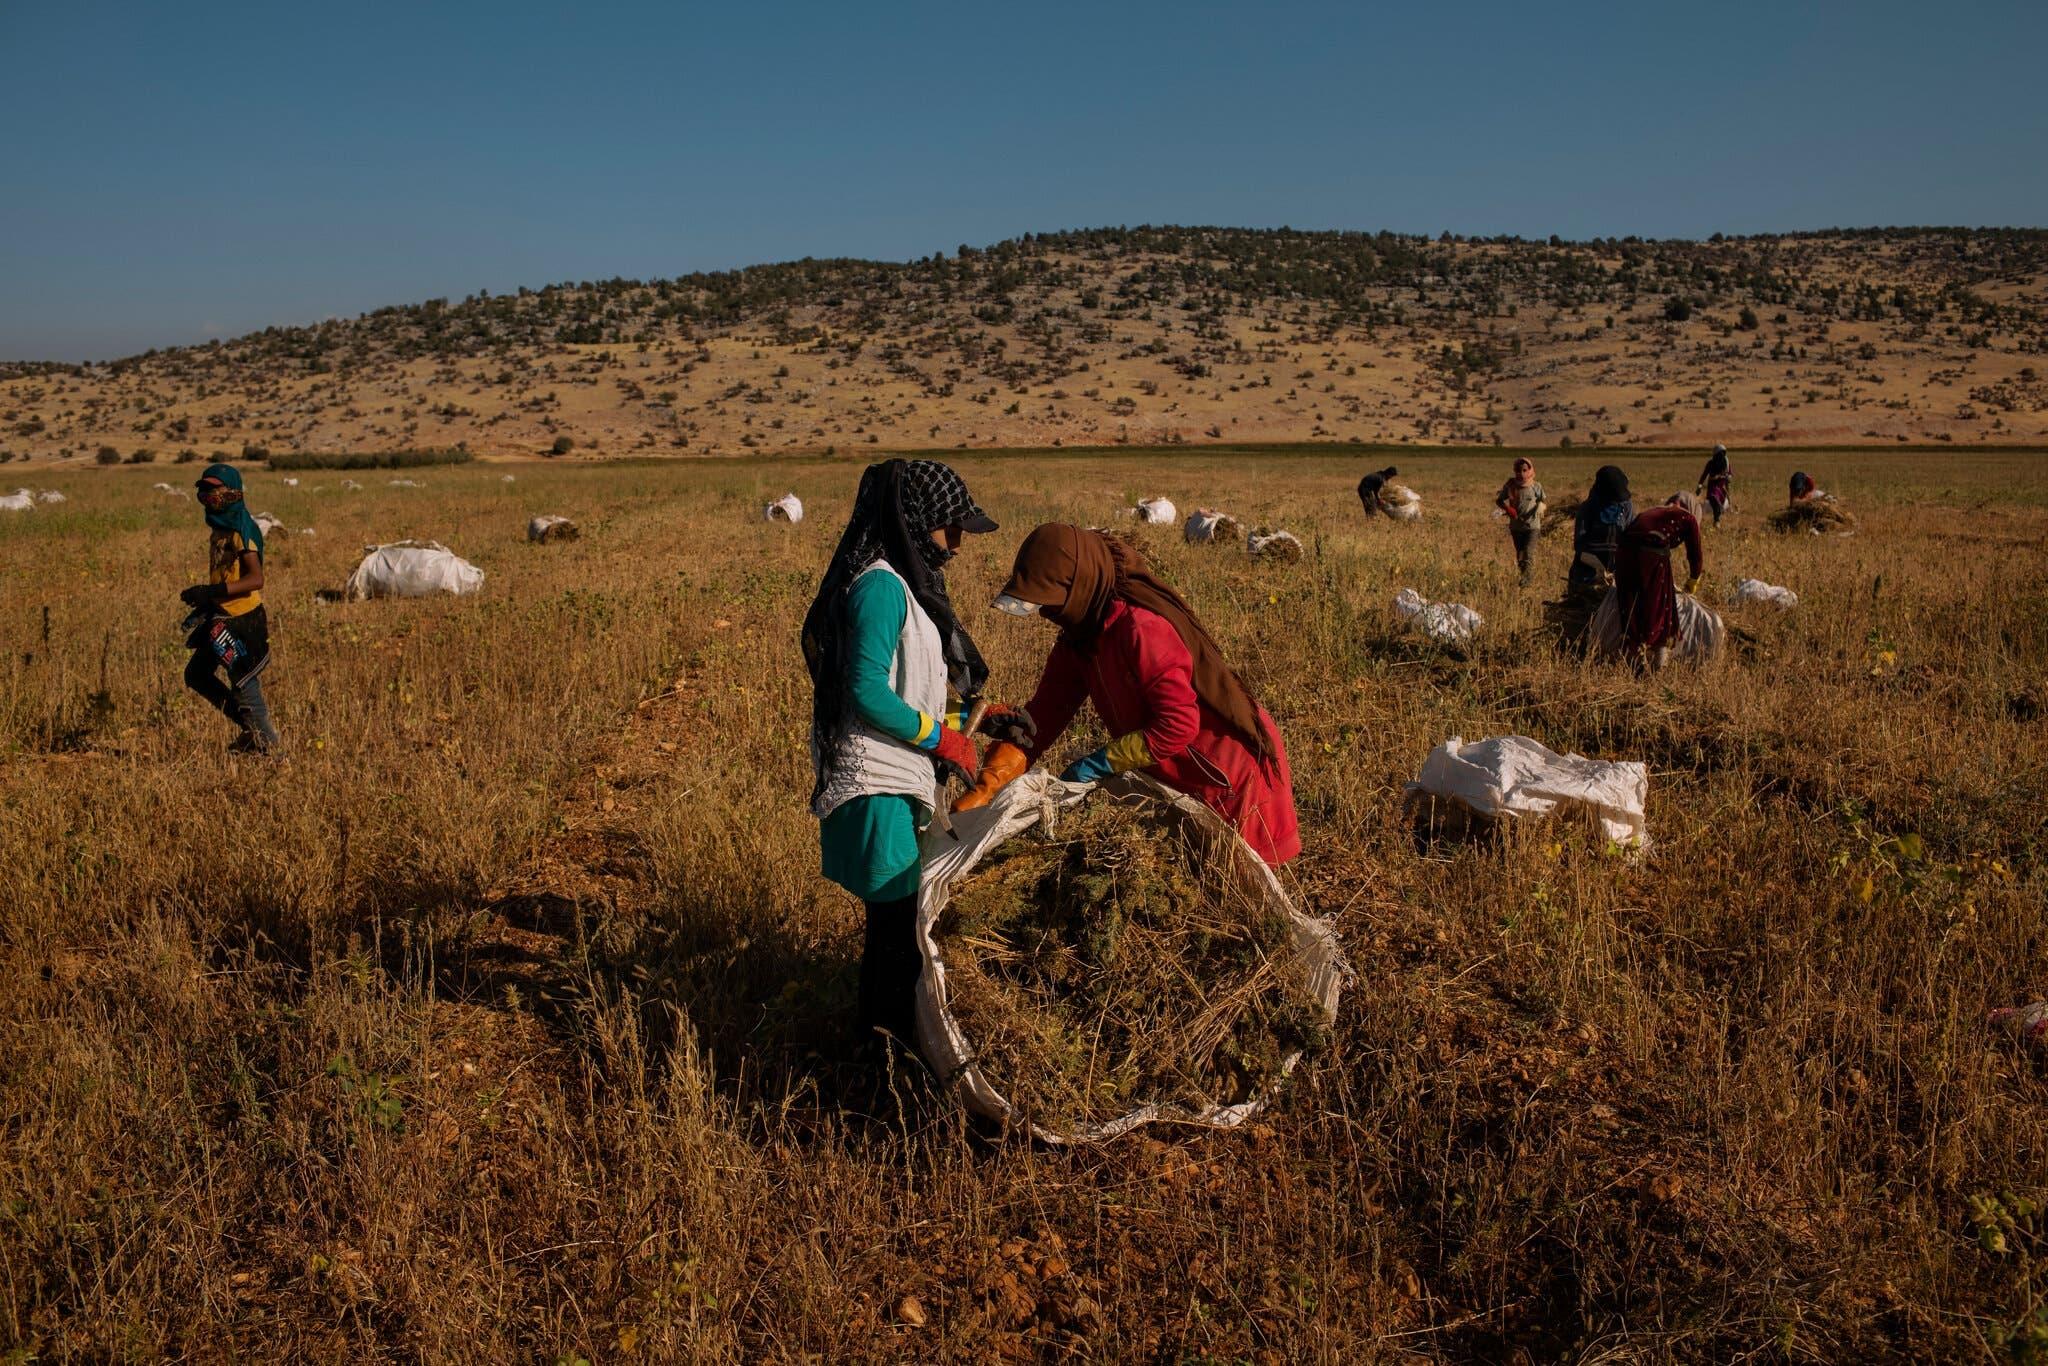 مزارعون بمزارع اليمونة في لبنان